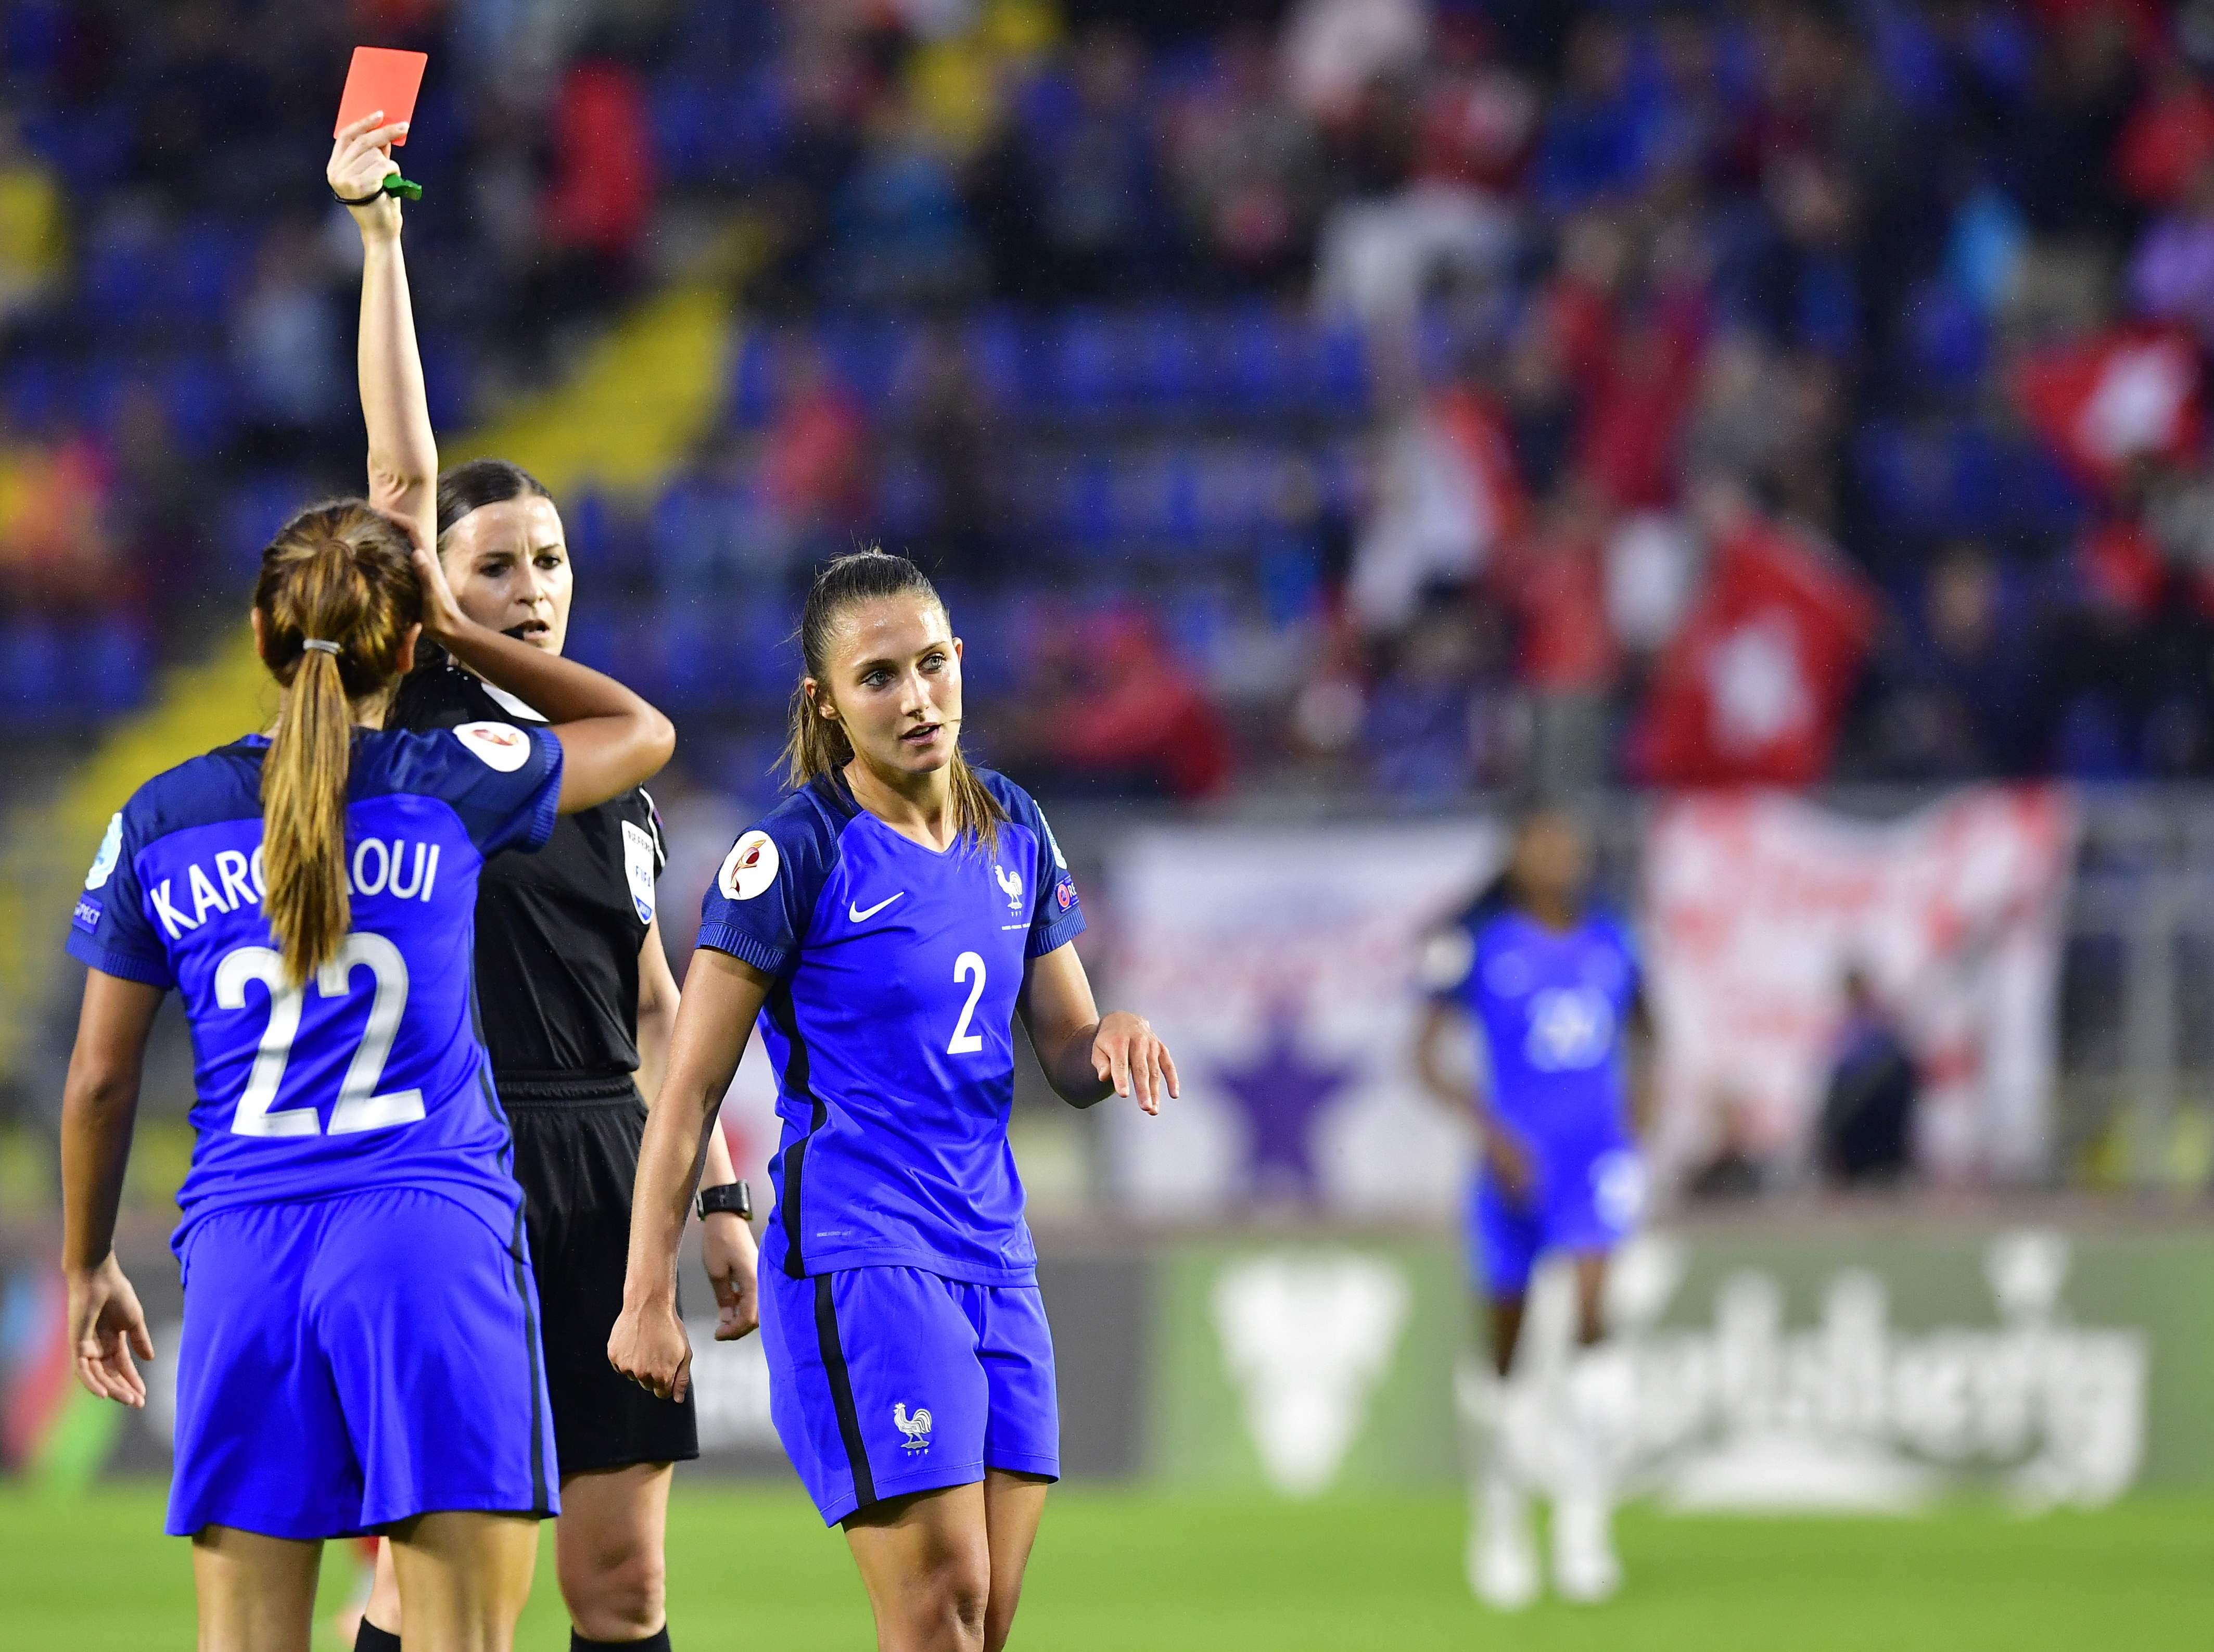 Football - Equipe de France - Double pleine pour les Bleues, réduites à dix et menées au score (vidéo)